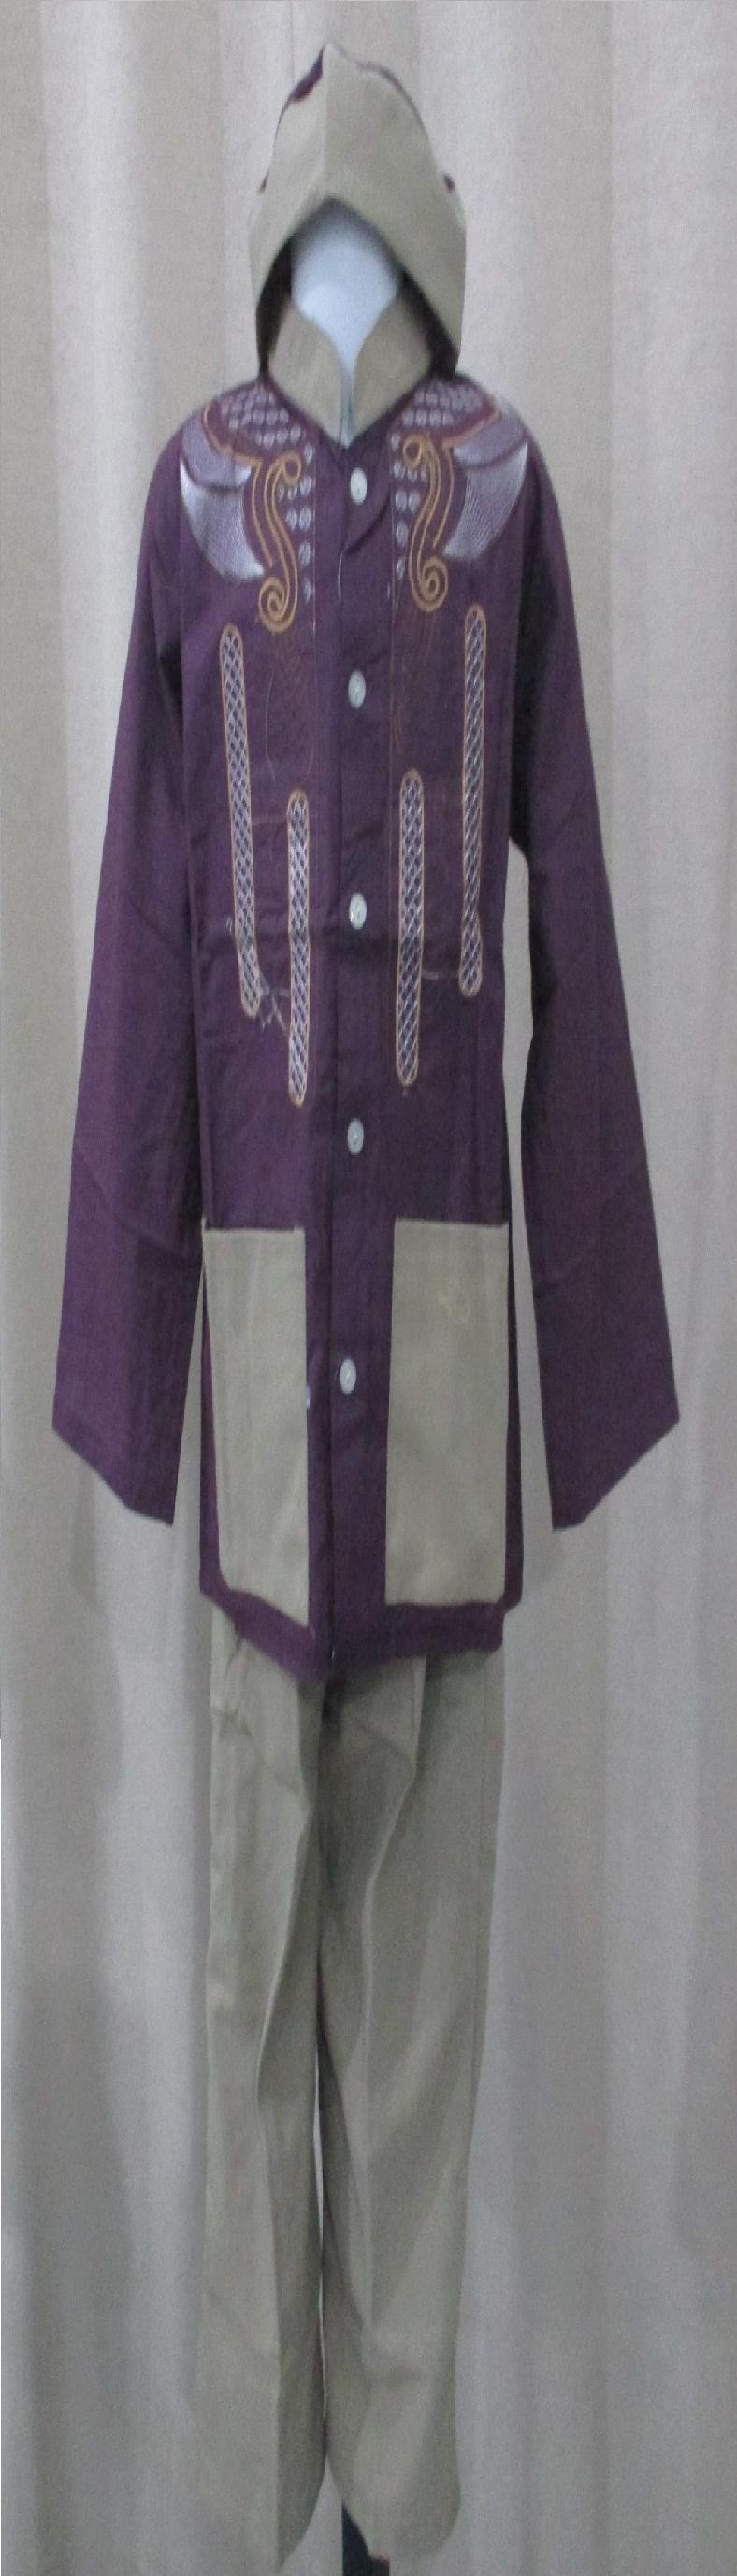 Baju Koko Al-Fadil Paling Murah